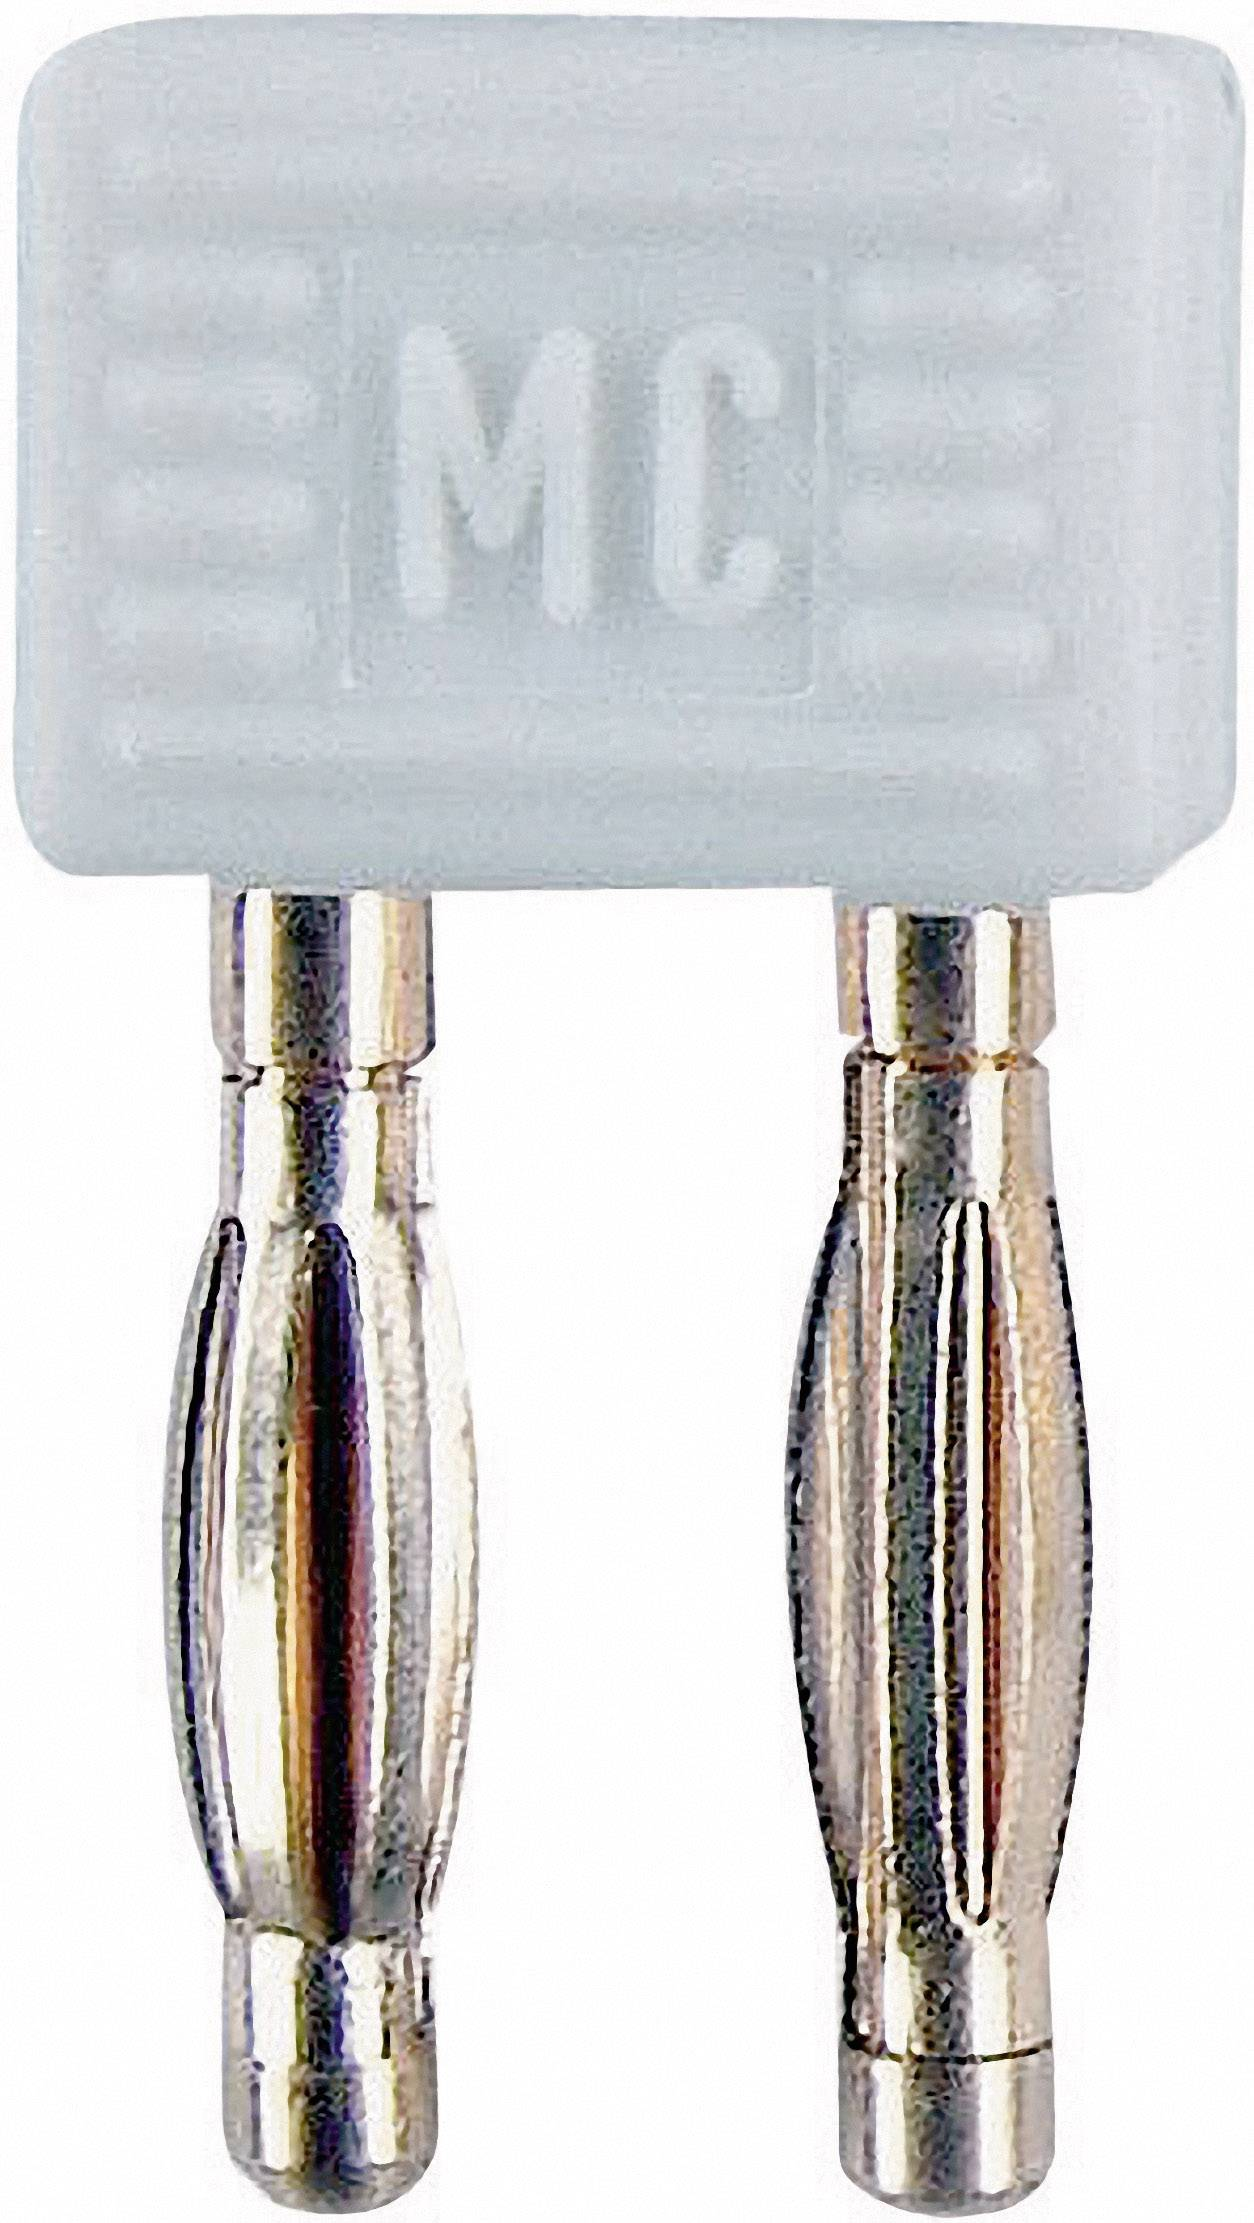 Spojovací konektor Stäubli KS2-5,08L, Ø hrotu 2 mm, rozostup hrotov 5.08 mm, biela, 1 ks